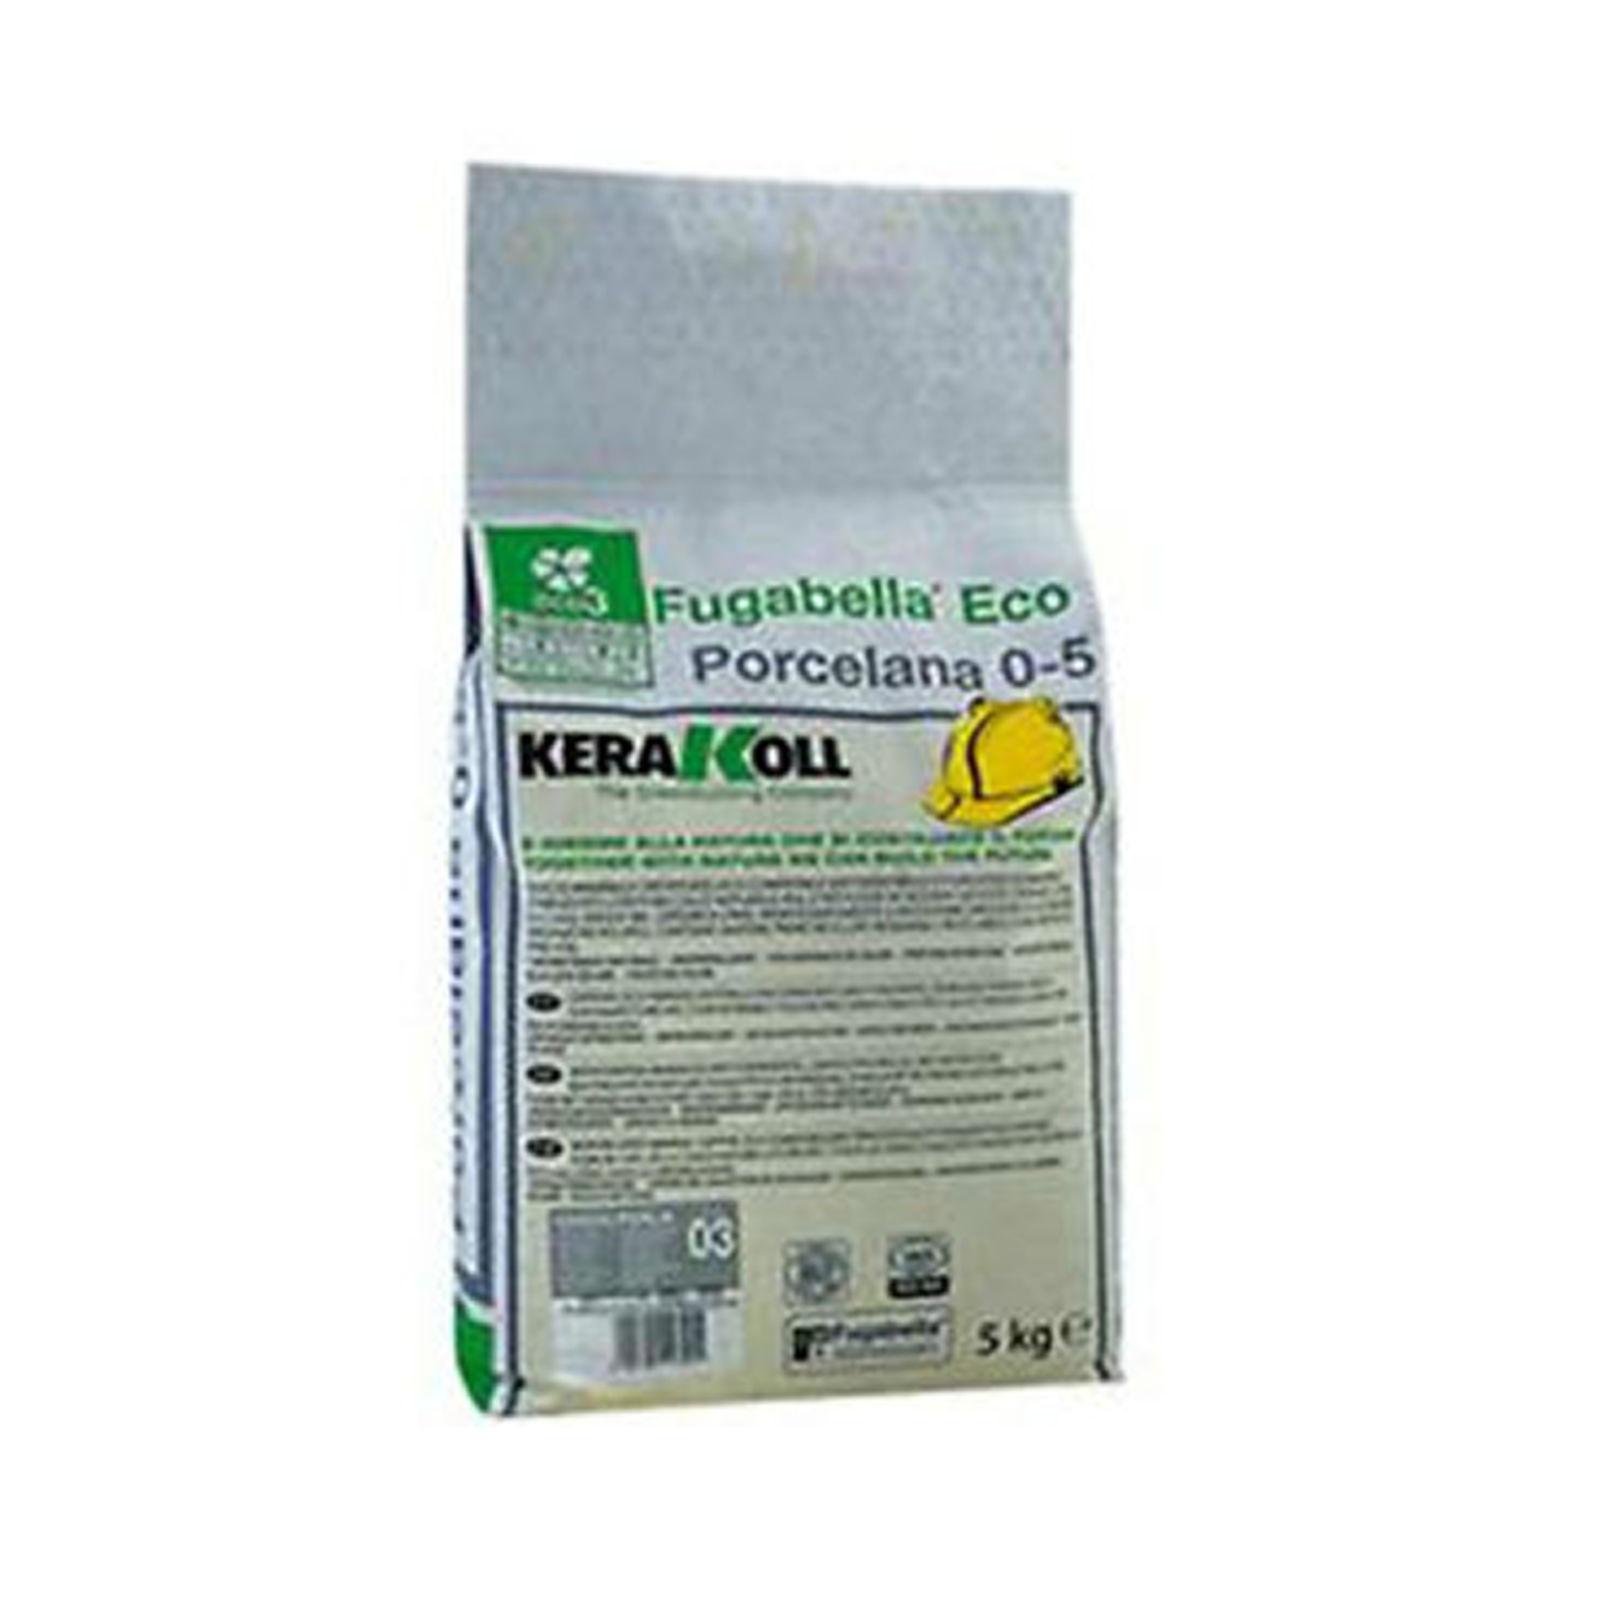 Kerakoll fugabella eco porcelana 0-5 fuga stucco per piastrelle colore sunset kg5